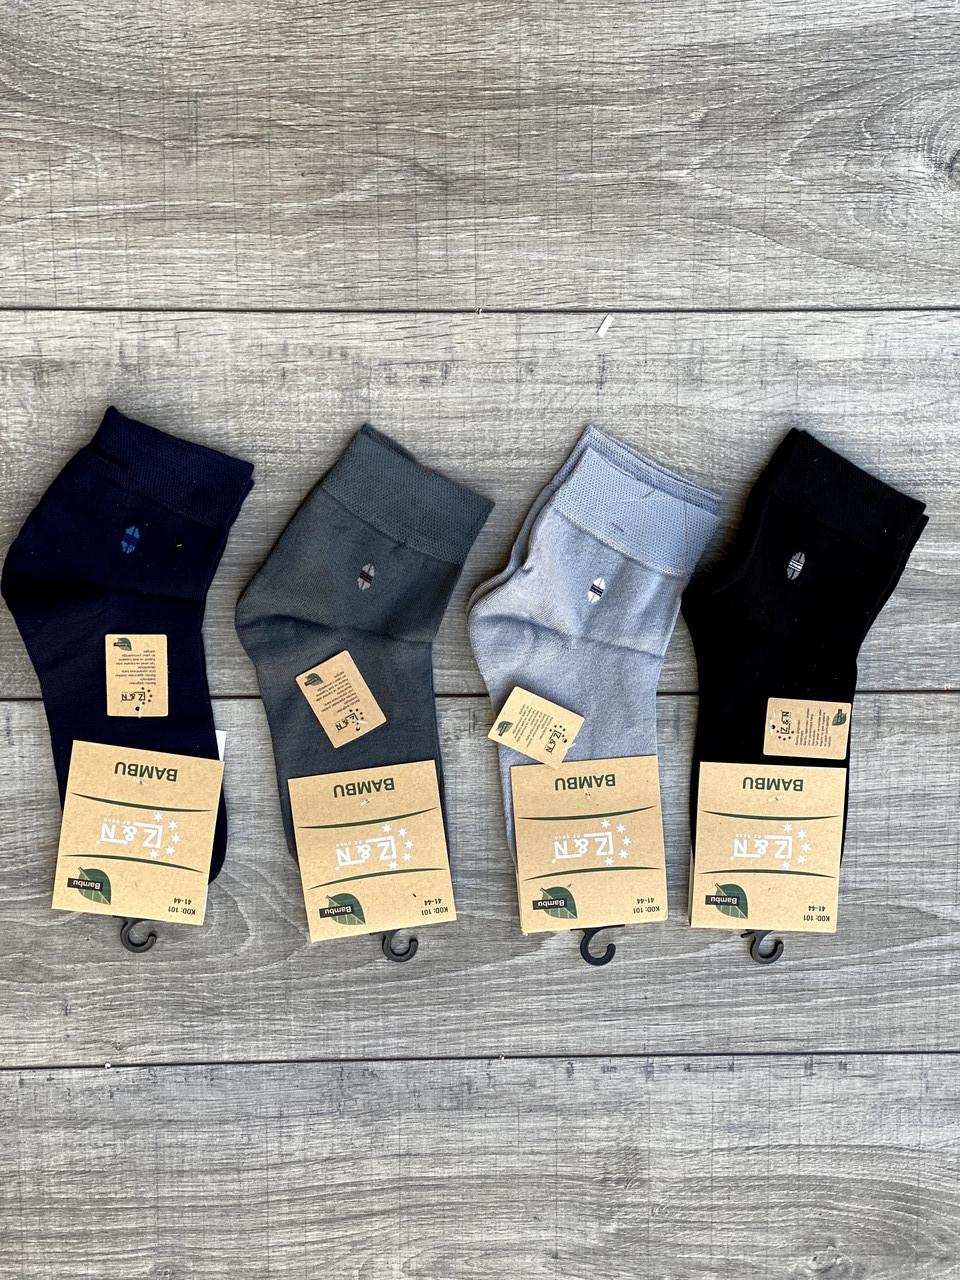 Чоловічі шкарпетки Z & N бамбукові класичні вищого сорту 41-44 12 шт в уп асорті